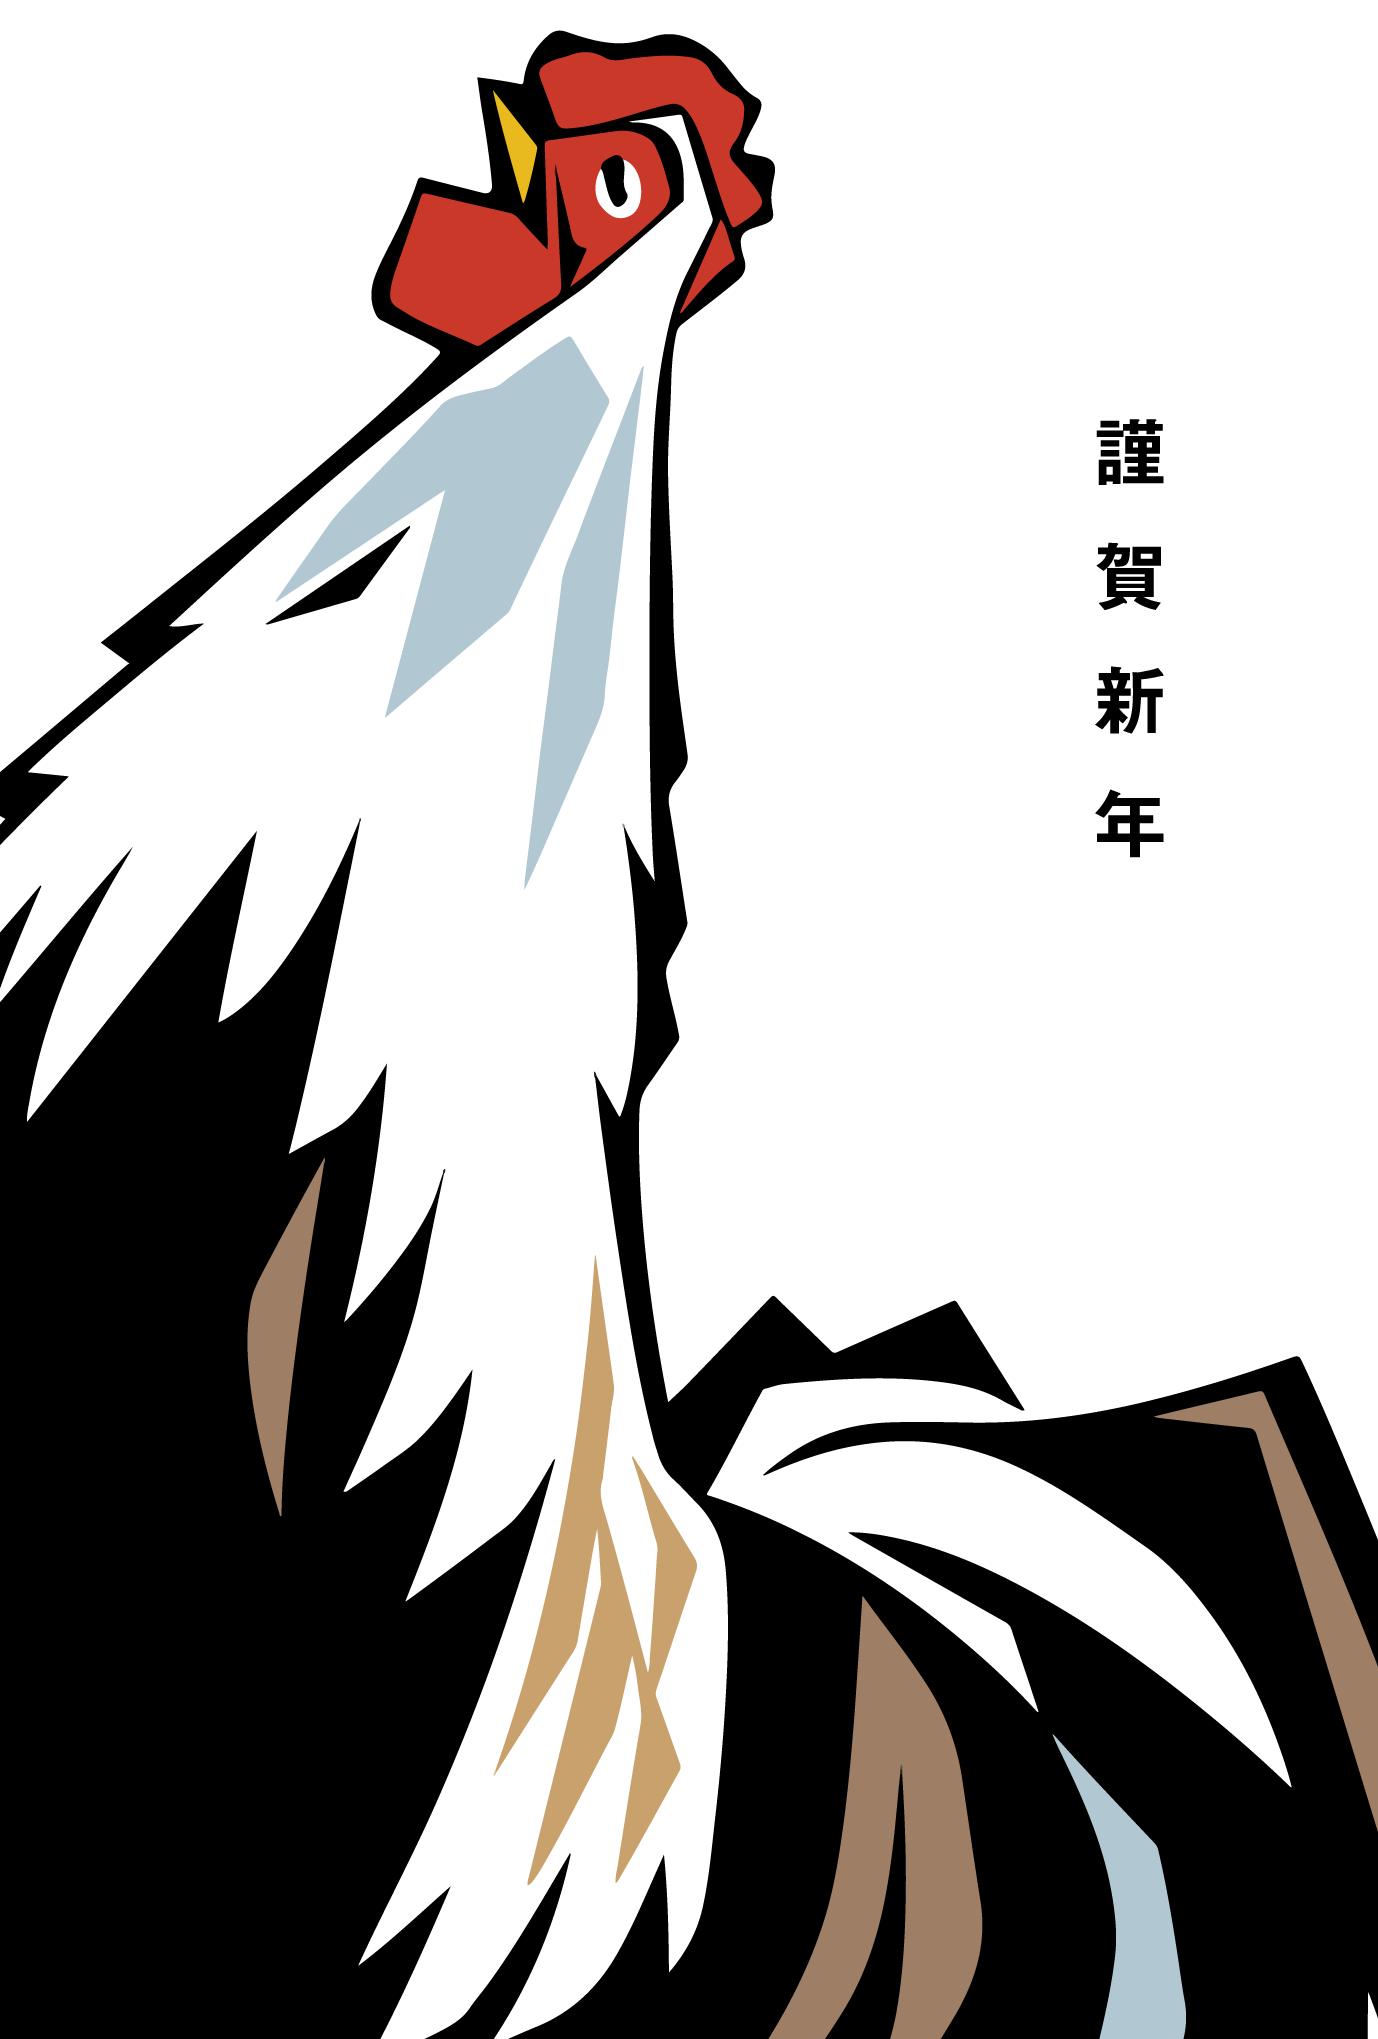 2005年賀状01:切絵鶏のダウンロード画像